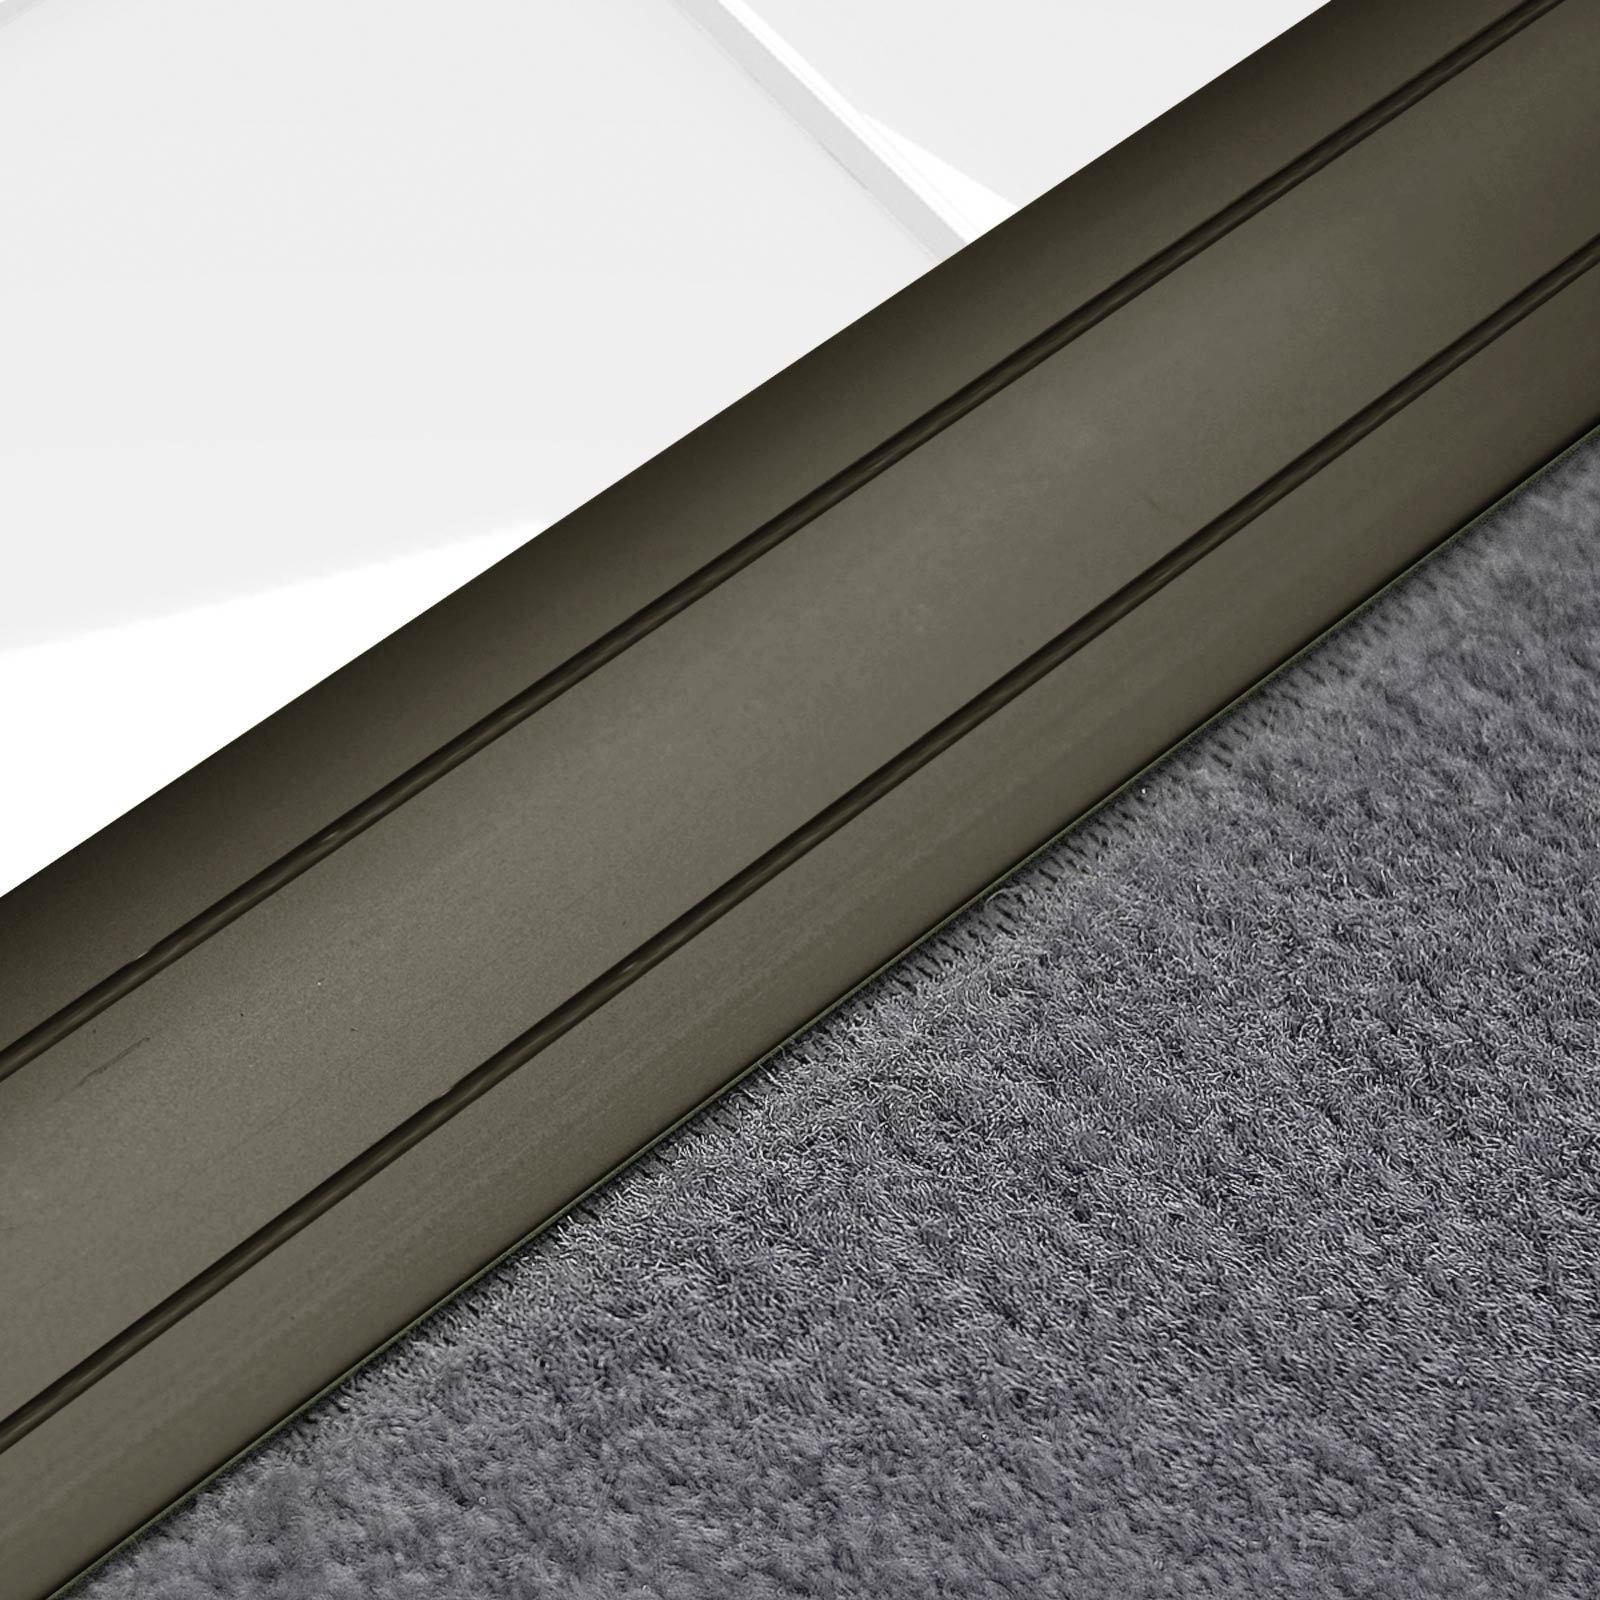 Alu Übergangsprofil Teppichschiene Schweller Laminat Parkett Profil flach 36mm  Bronze